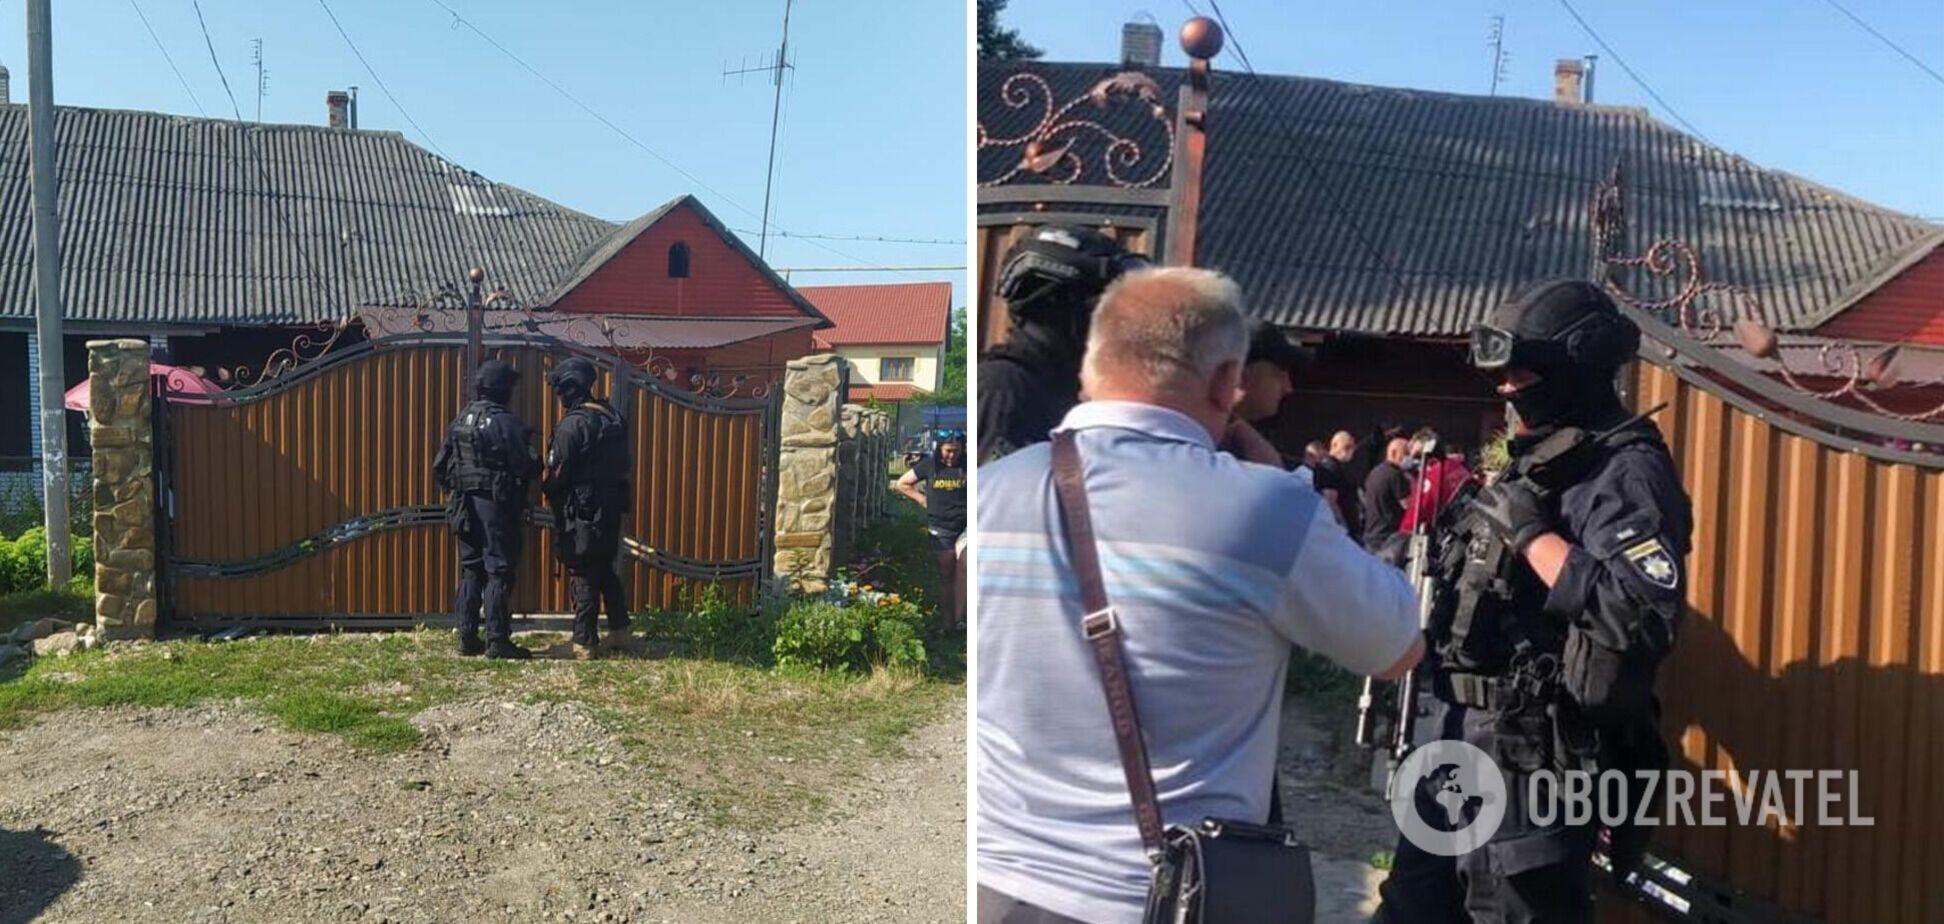 К жителю Буковины, облившему преподавателя фекалиями, на обыски нагрянул спецназ. Фото и видео